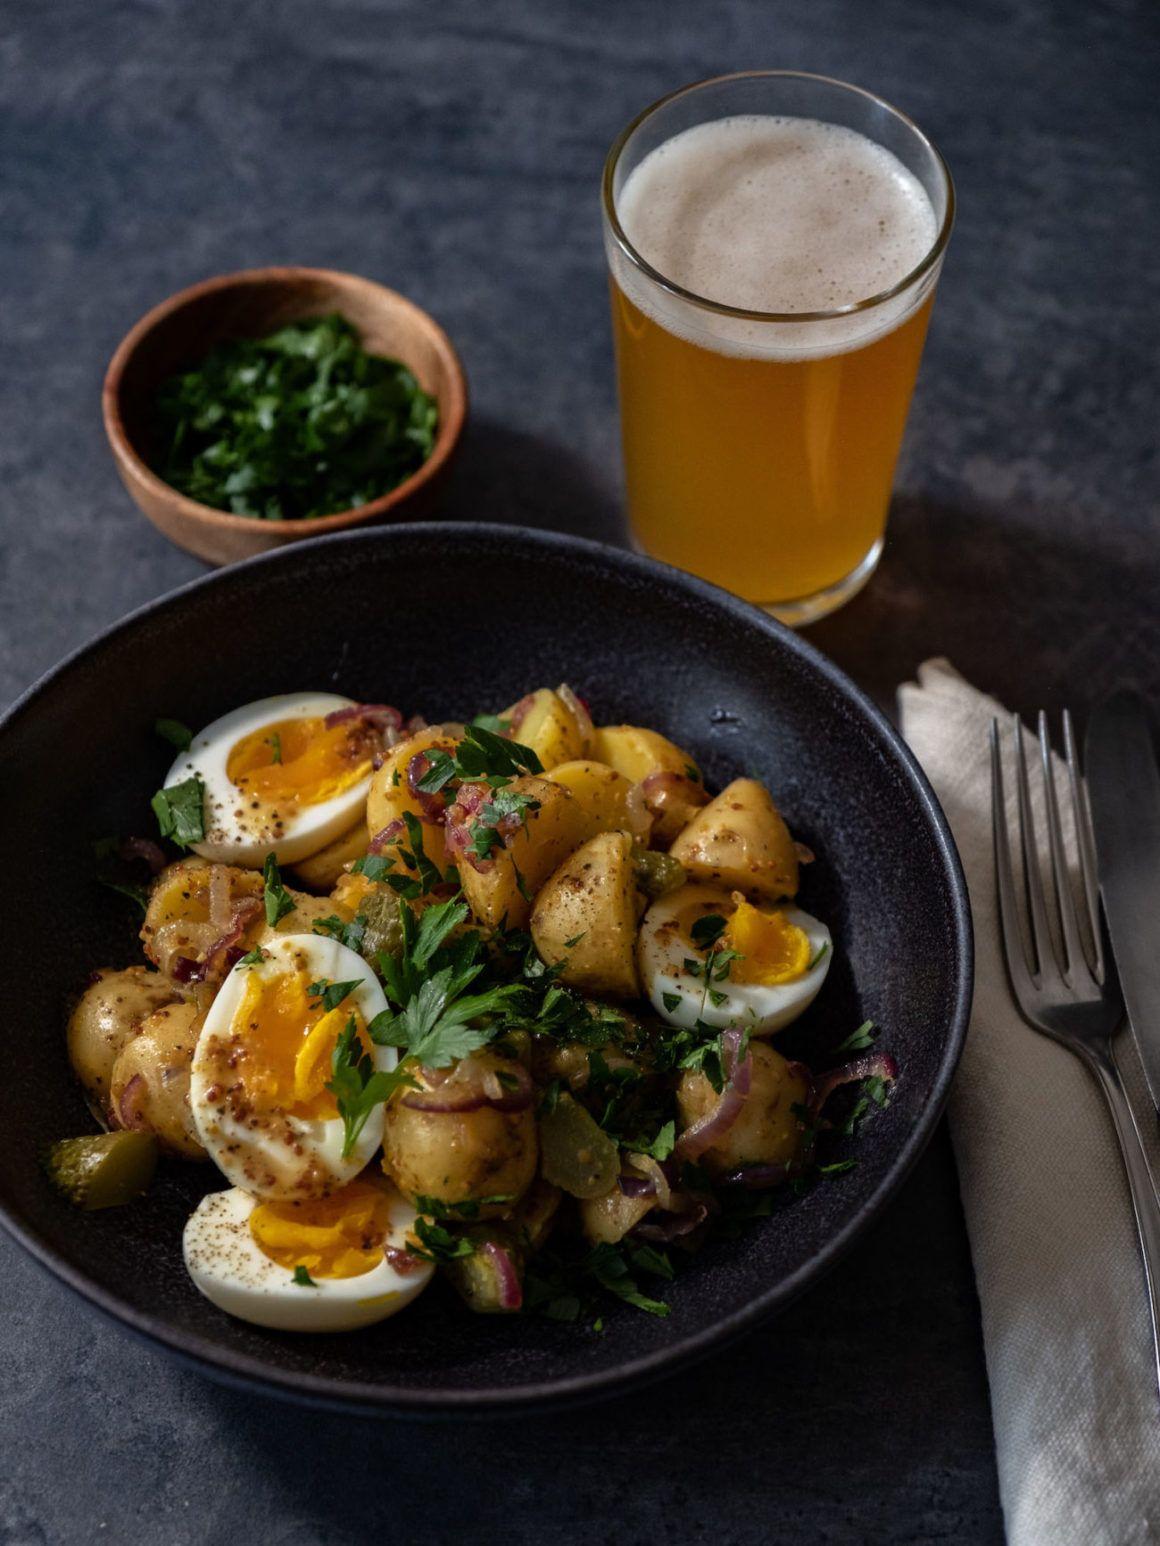 Rezept, Kartoffelsalat mit gekochten Eiern, Senfdressing, Essiggurken, Petersilie, Bier, Gabel, Serviette